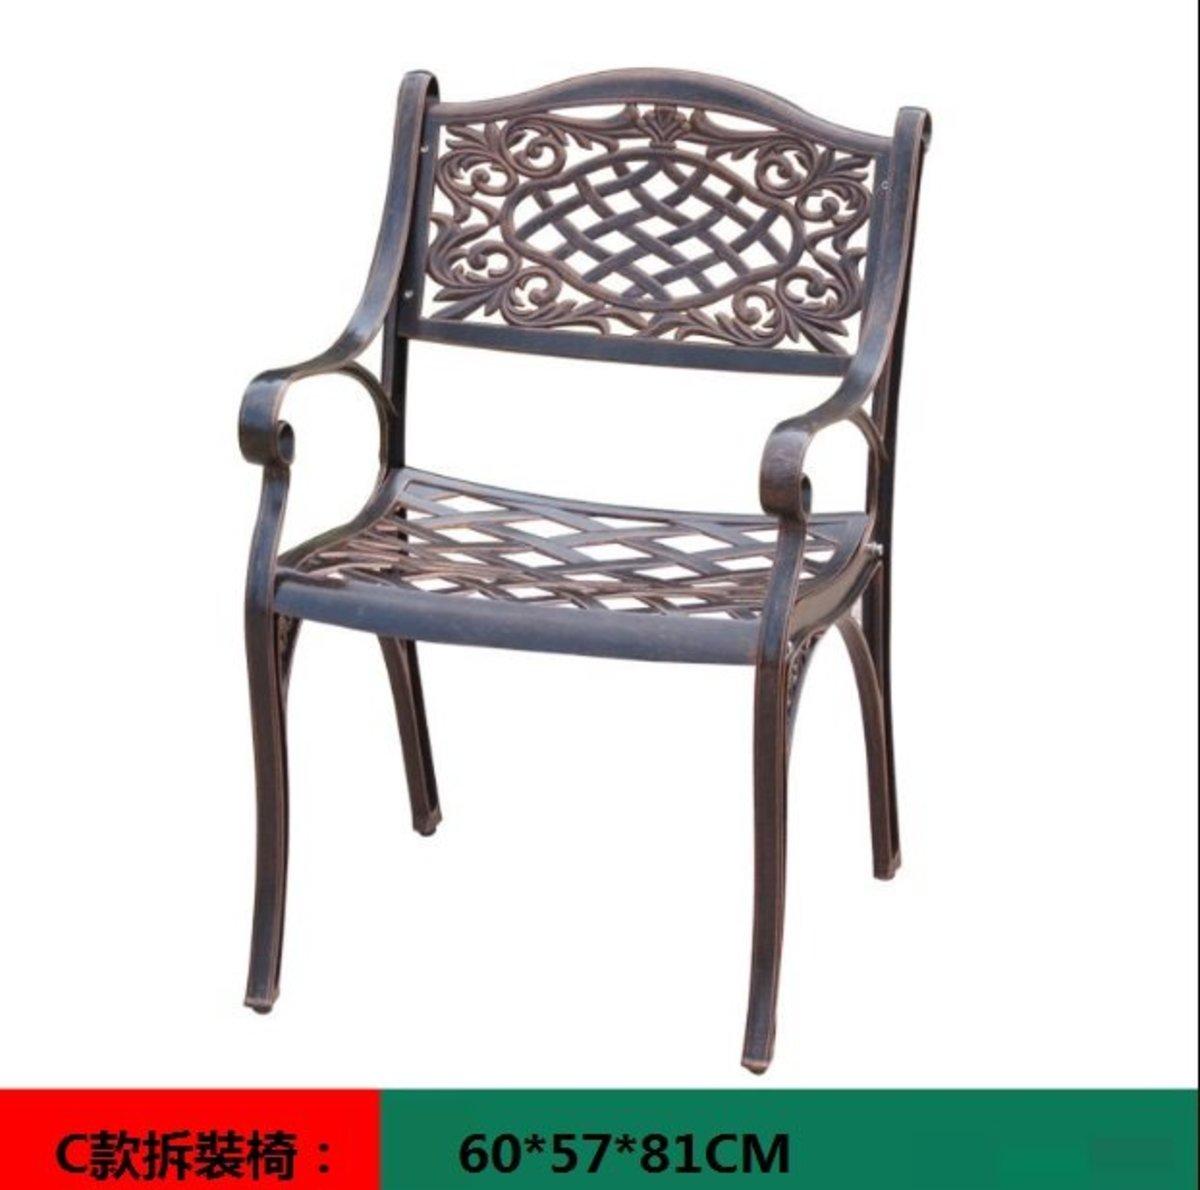 室外咖啡廳歐式餐桌椅(C款拆裝椅:60*57*81CM)